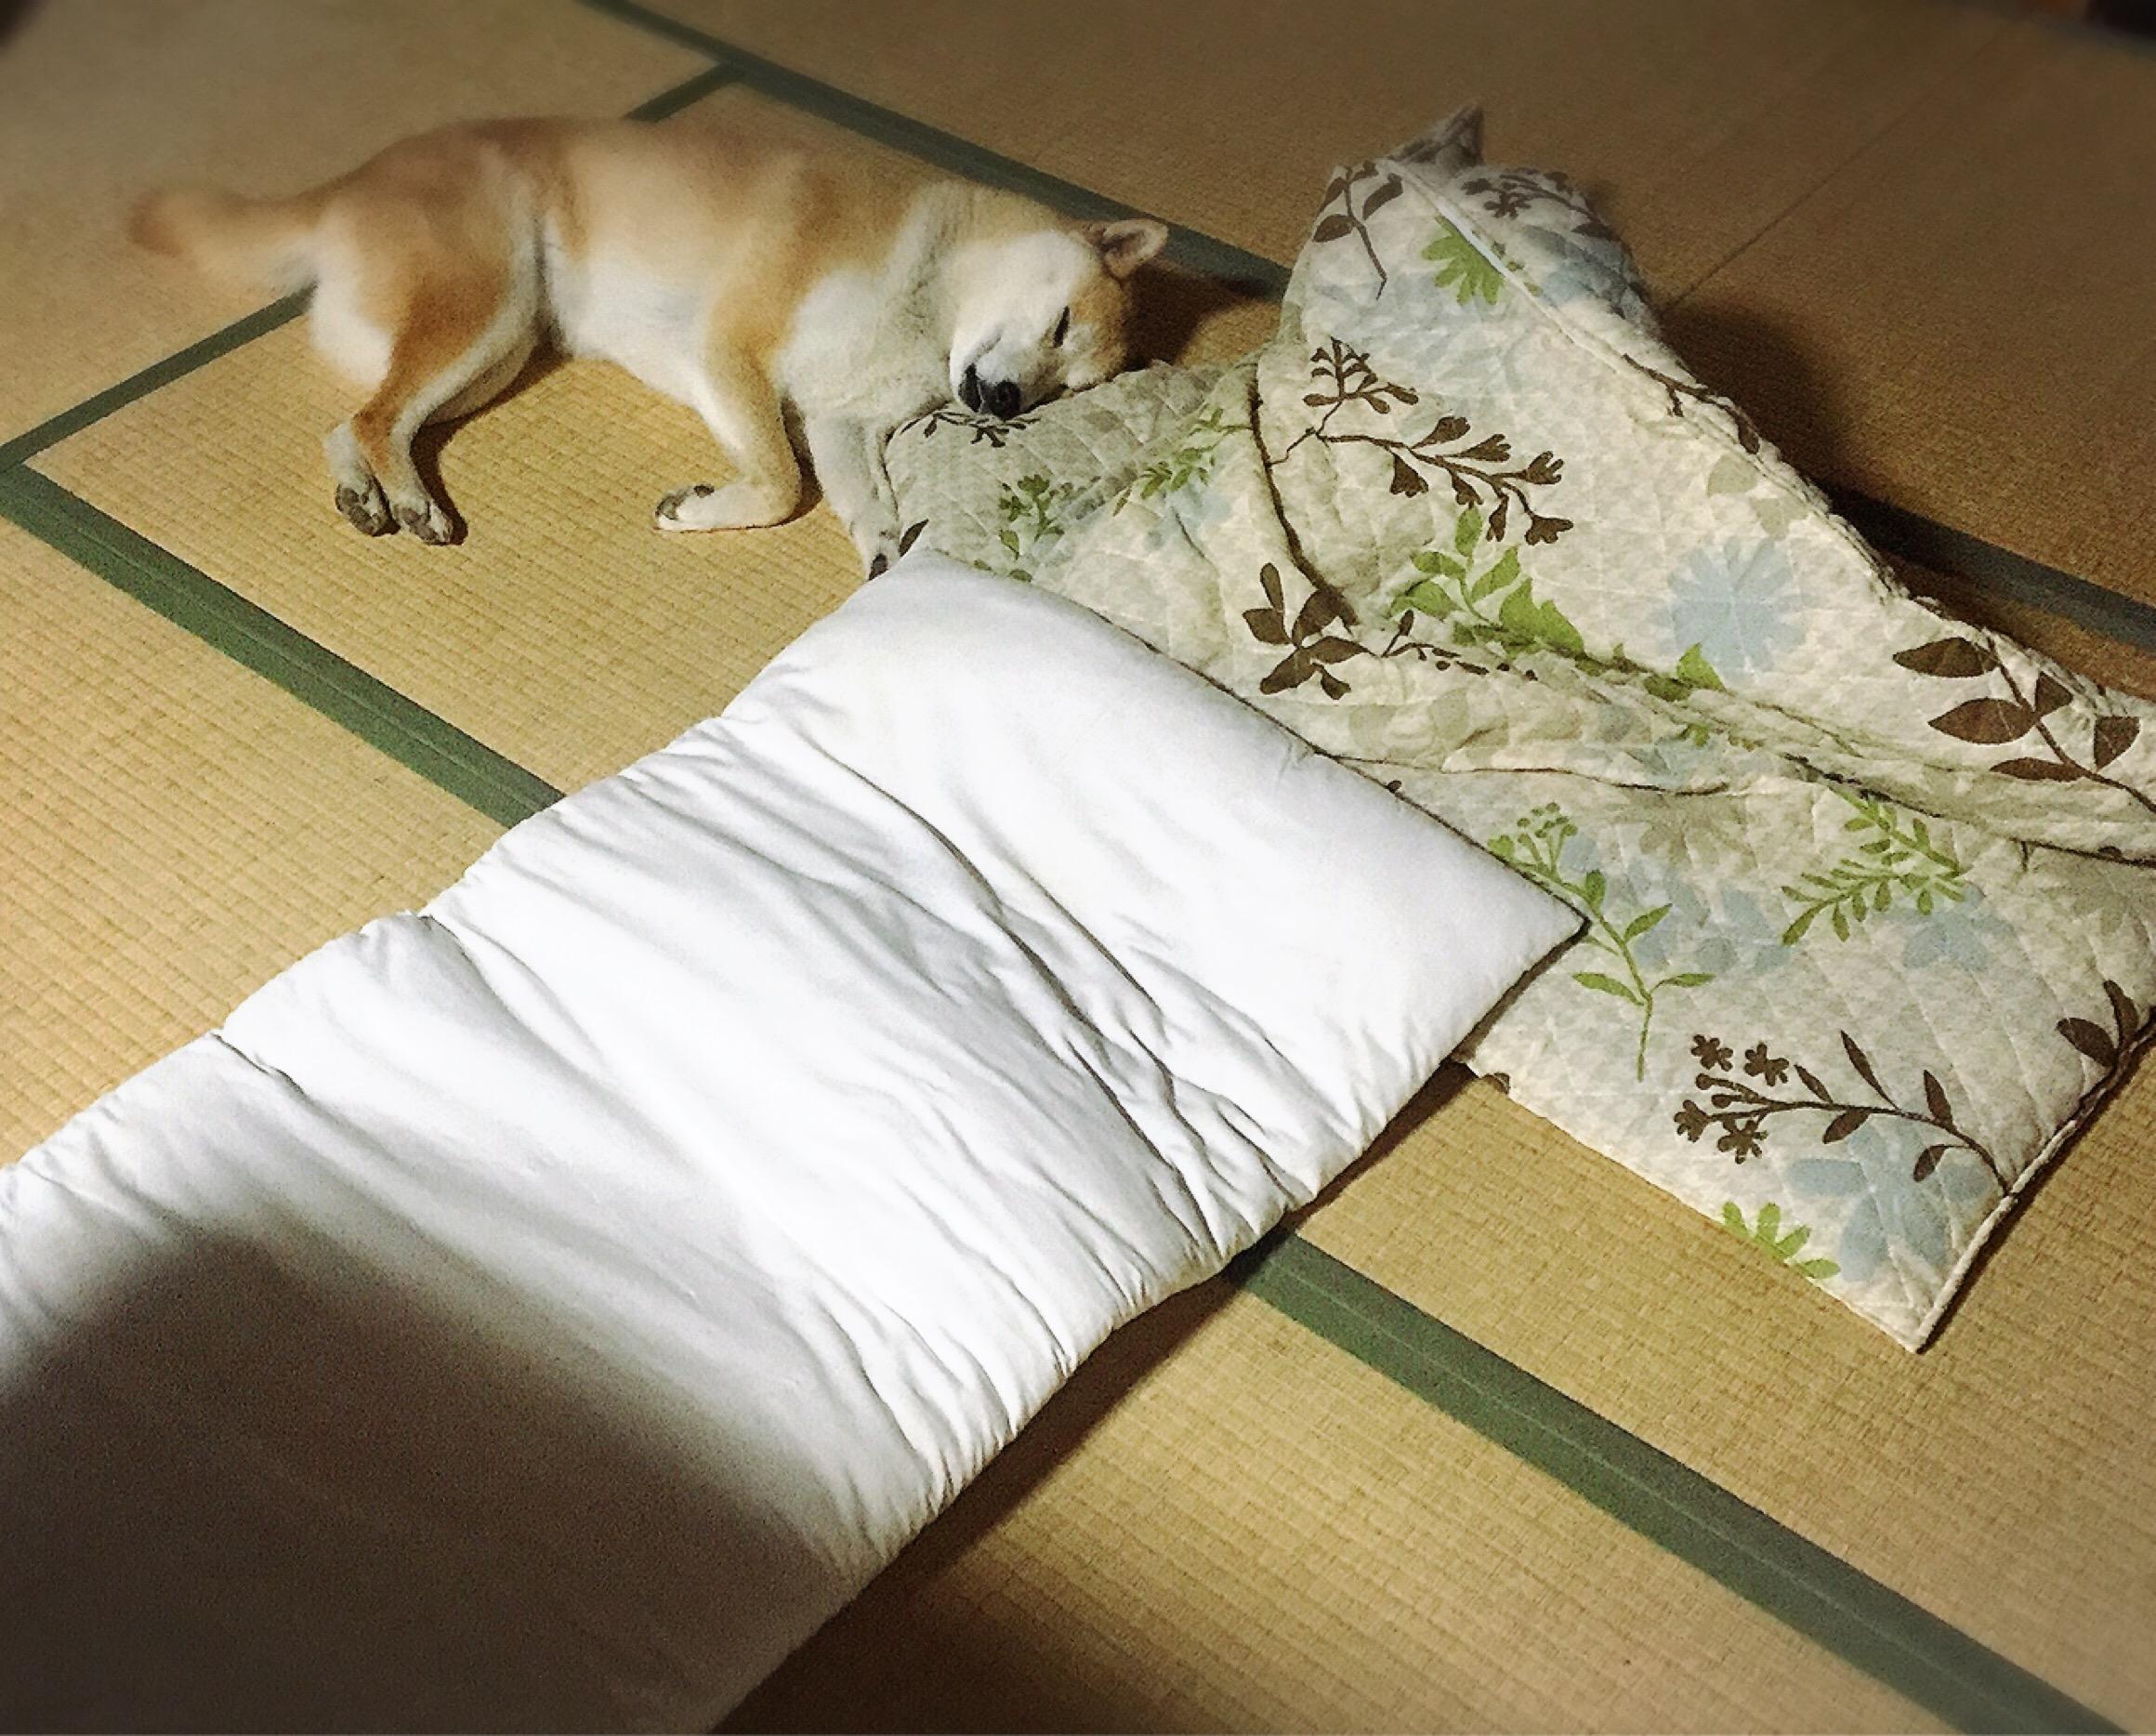 心が和む瞬間(芝生の成長&サボテンの花&さくらの寝姿)